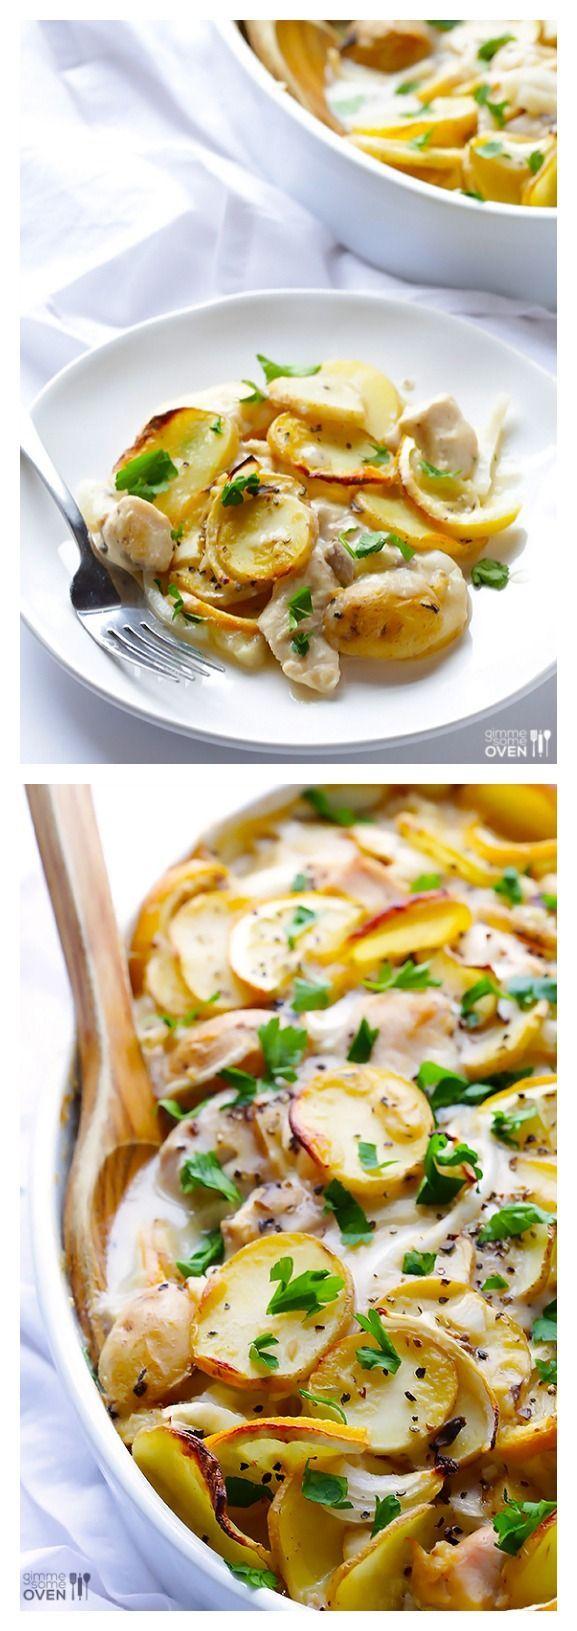 Easy Lemon Chicken Potato Casserole -- one of my family's favorite recipes! | gimmesomeoven.com #easy #recipe #dinner